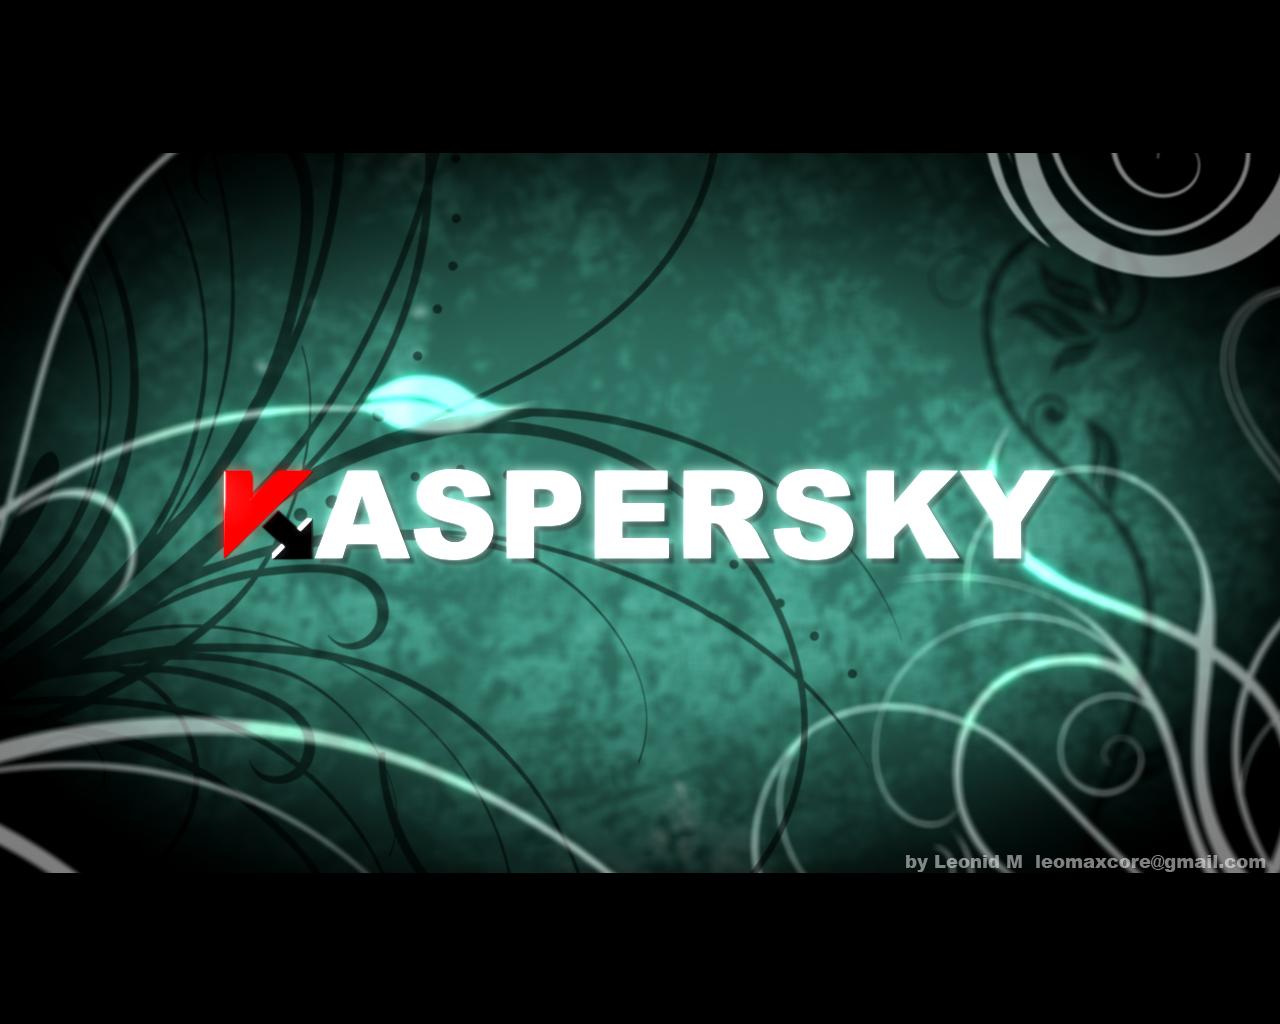 касперский логотип: